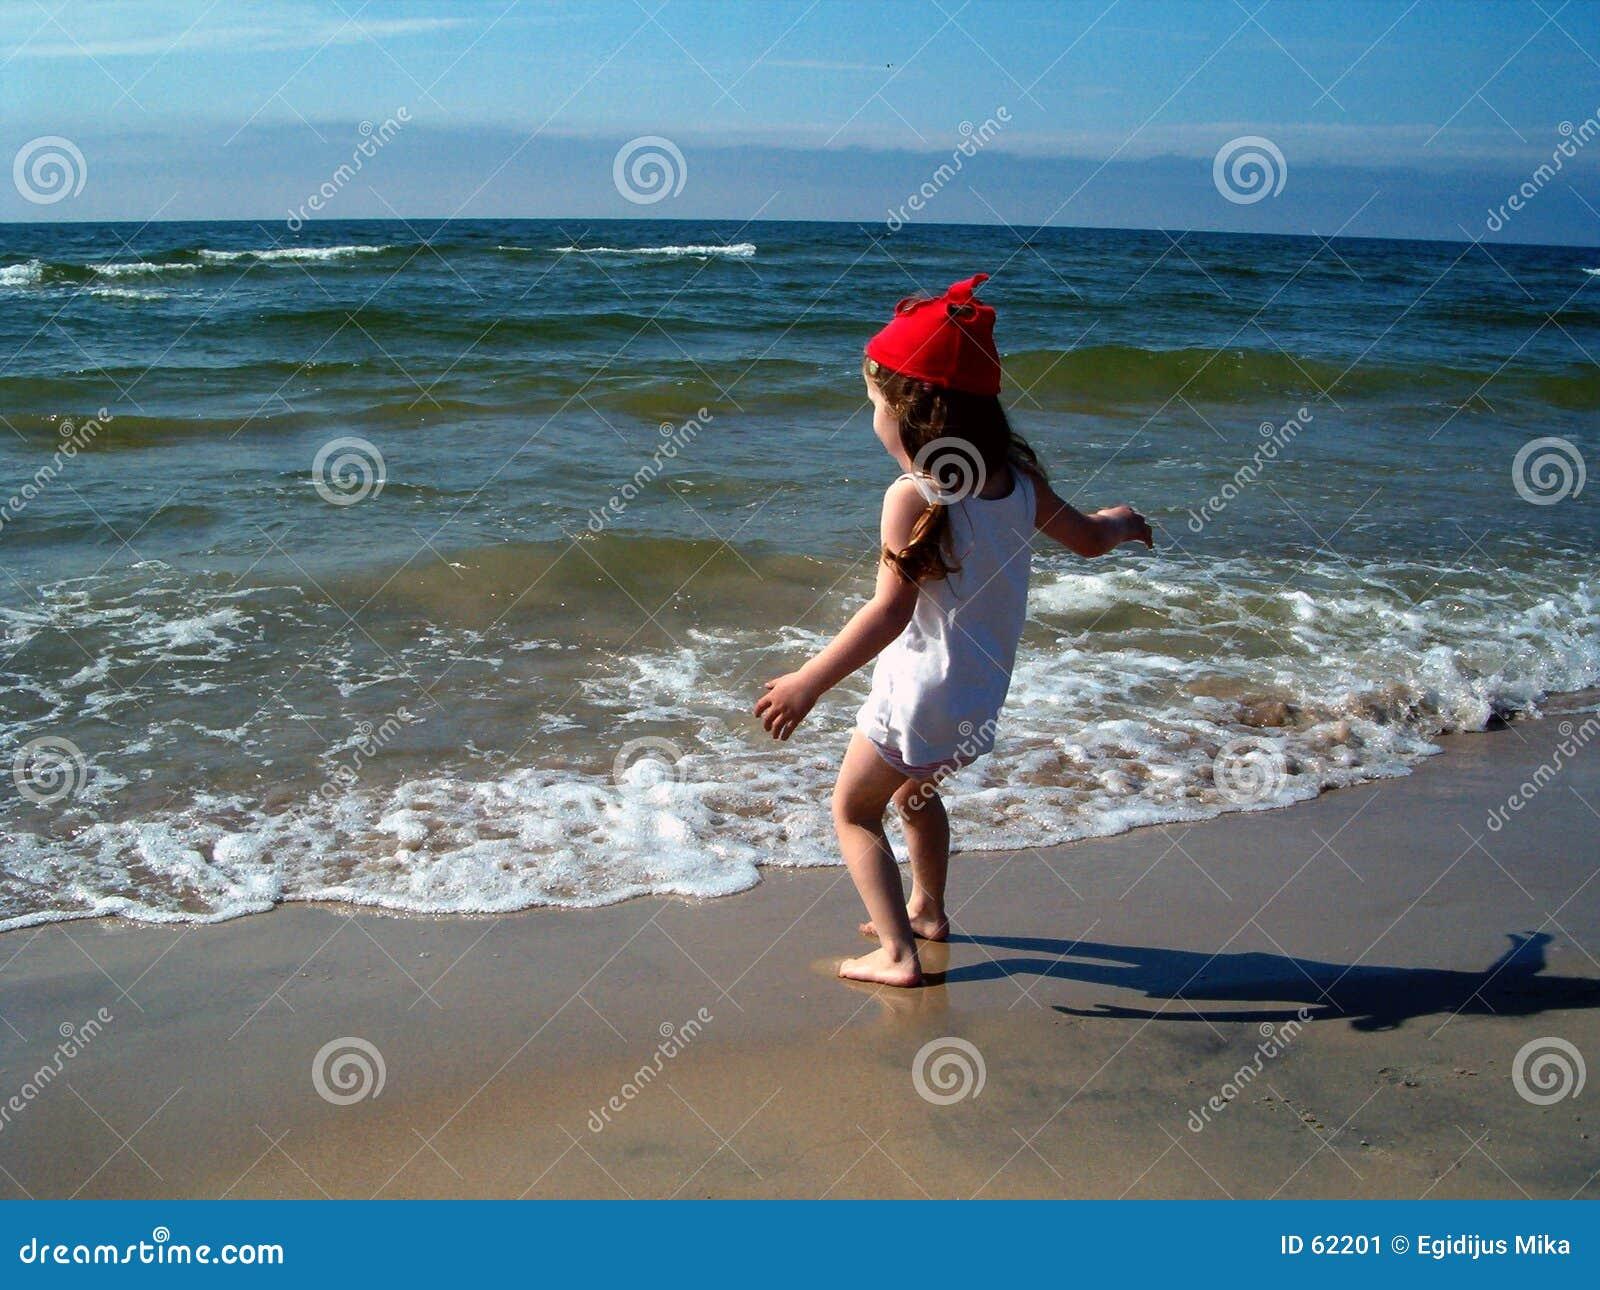 Download Fille en plage image stock. Image du filles, danser, horizon - 62201